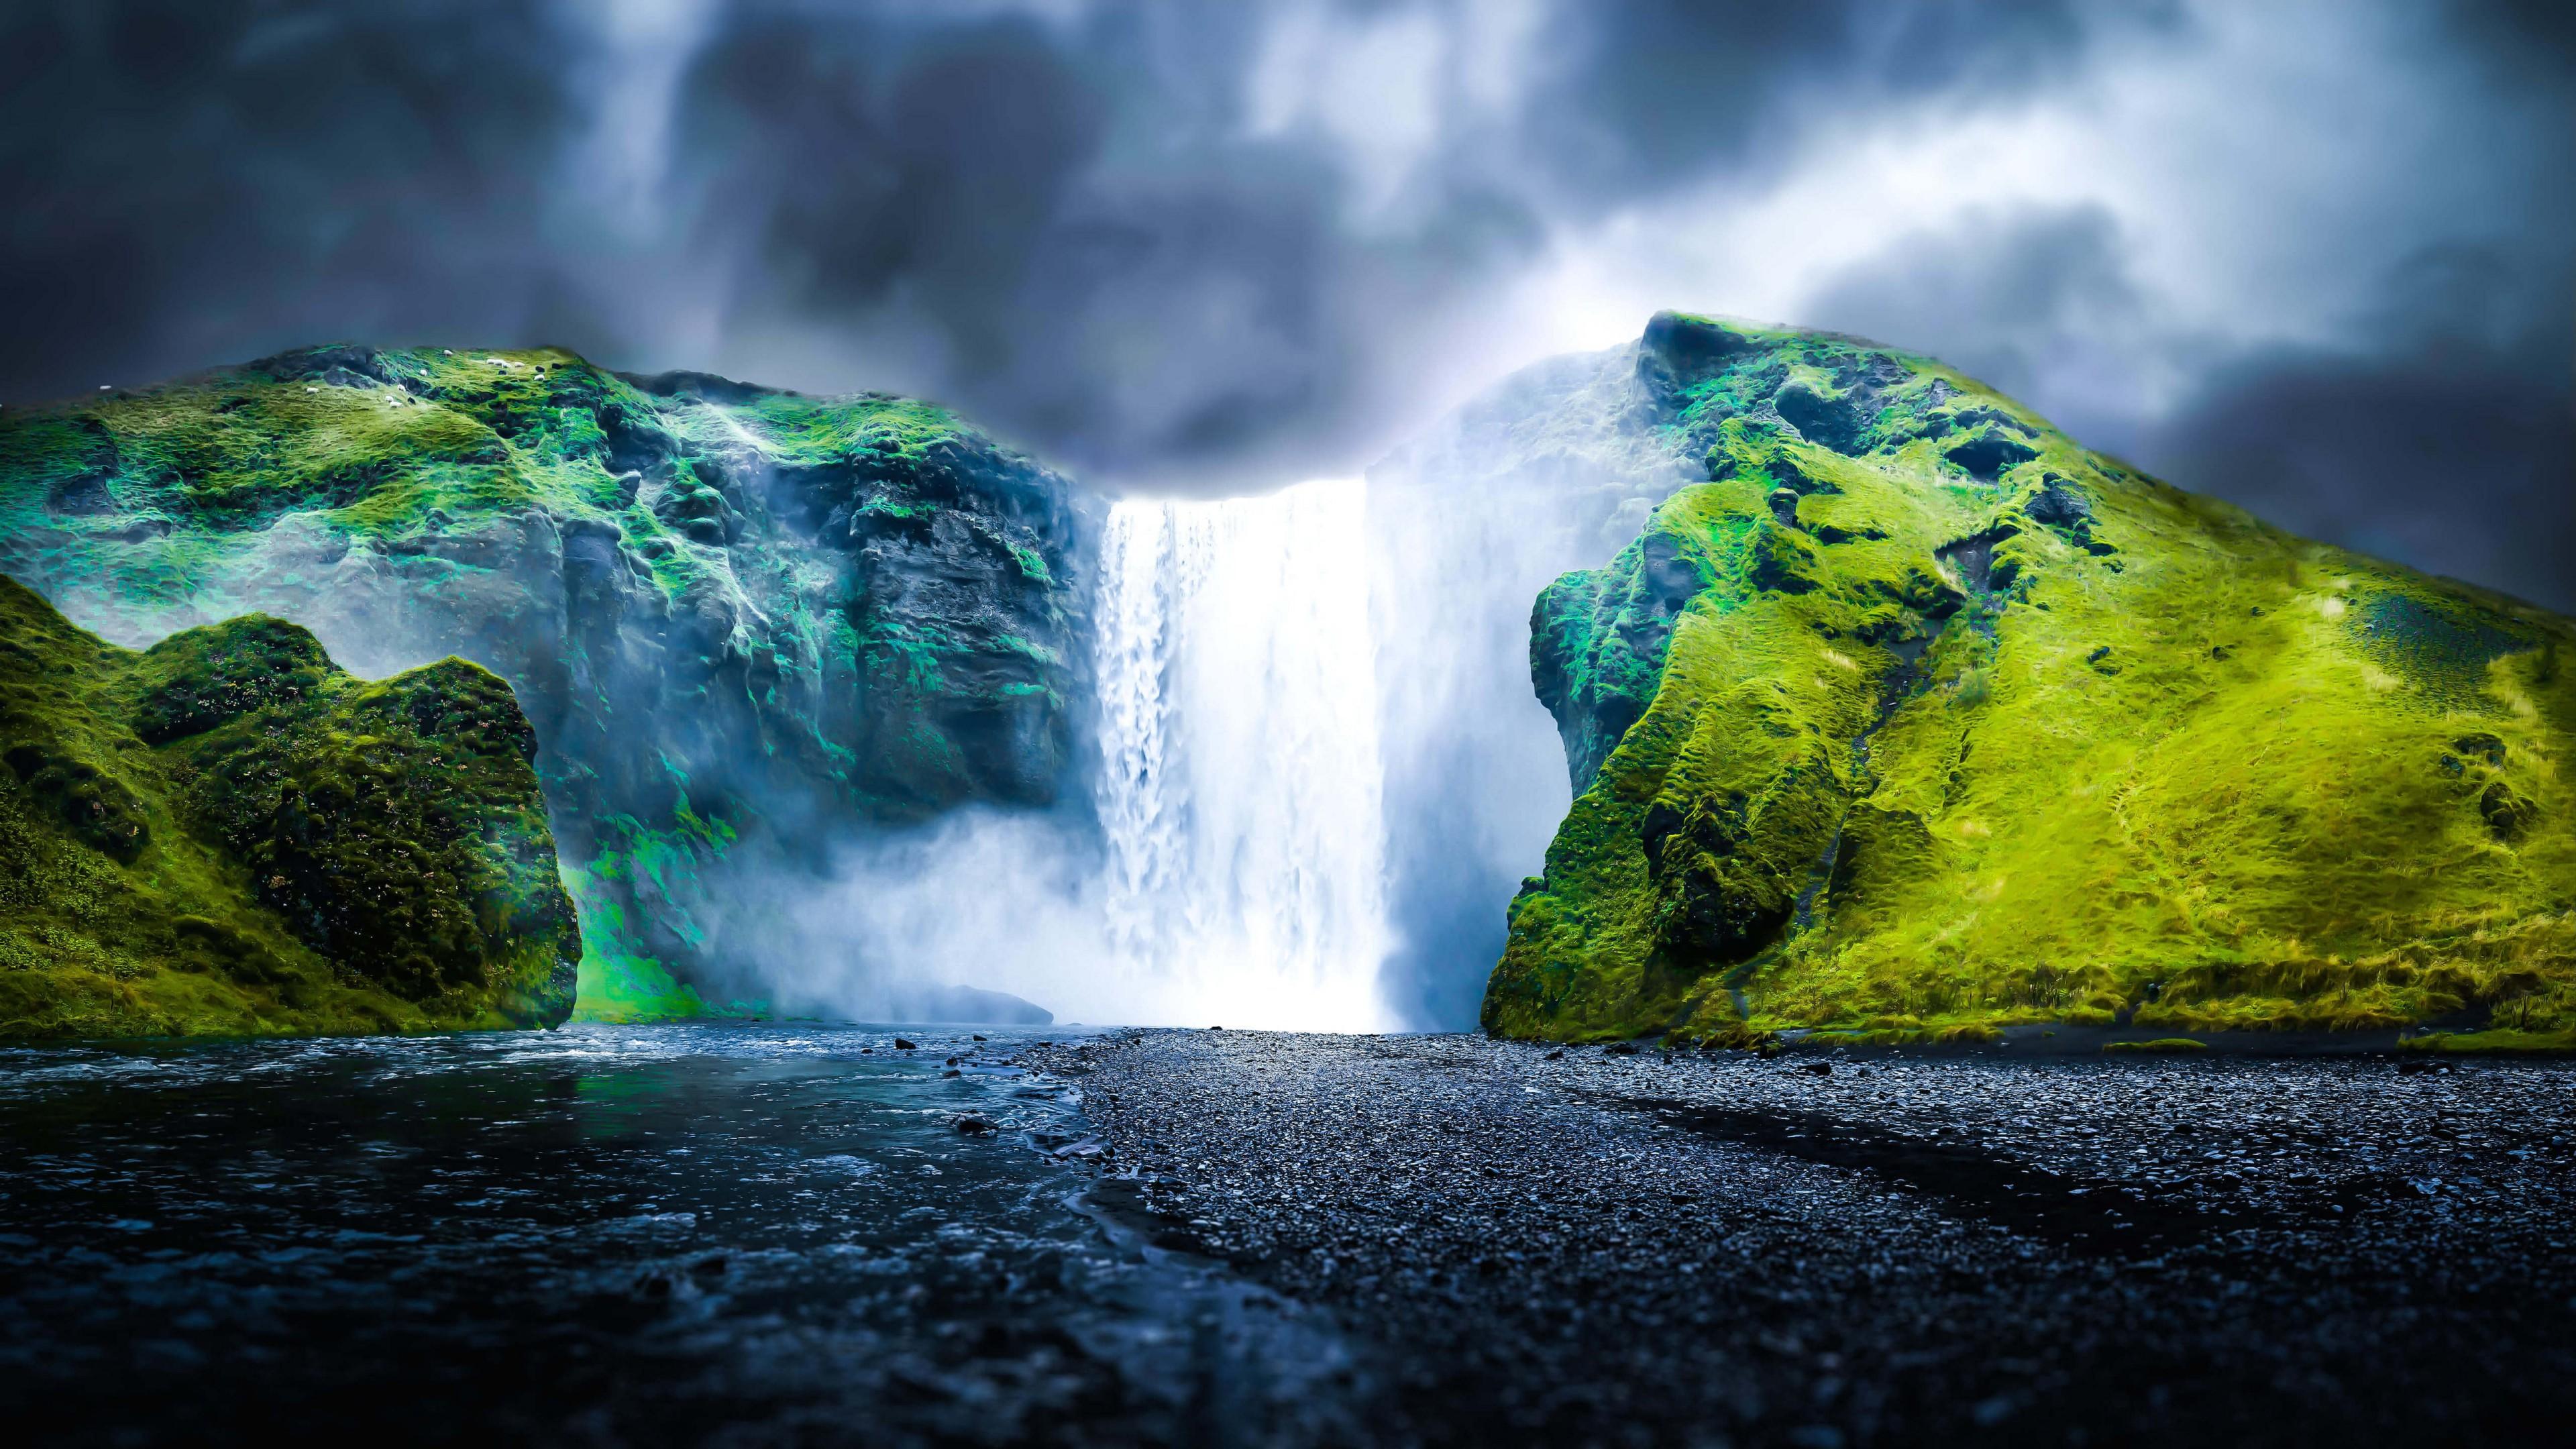 Dreamy Waterfall HD wallpaper for 4K 3840 x 2160   HDwallpapersnet 3840x2160